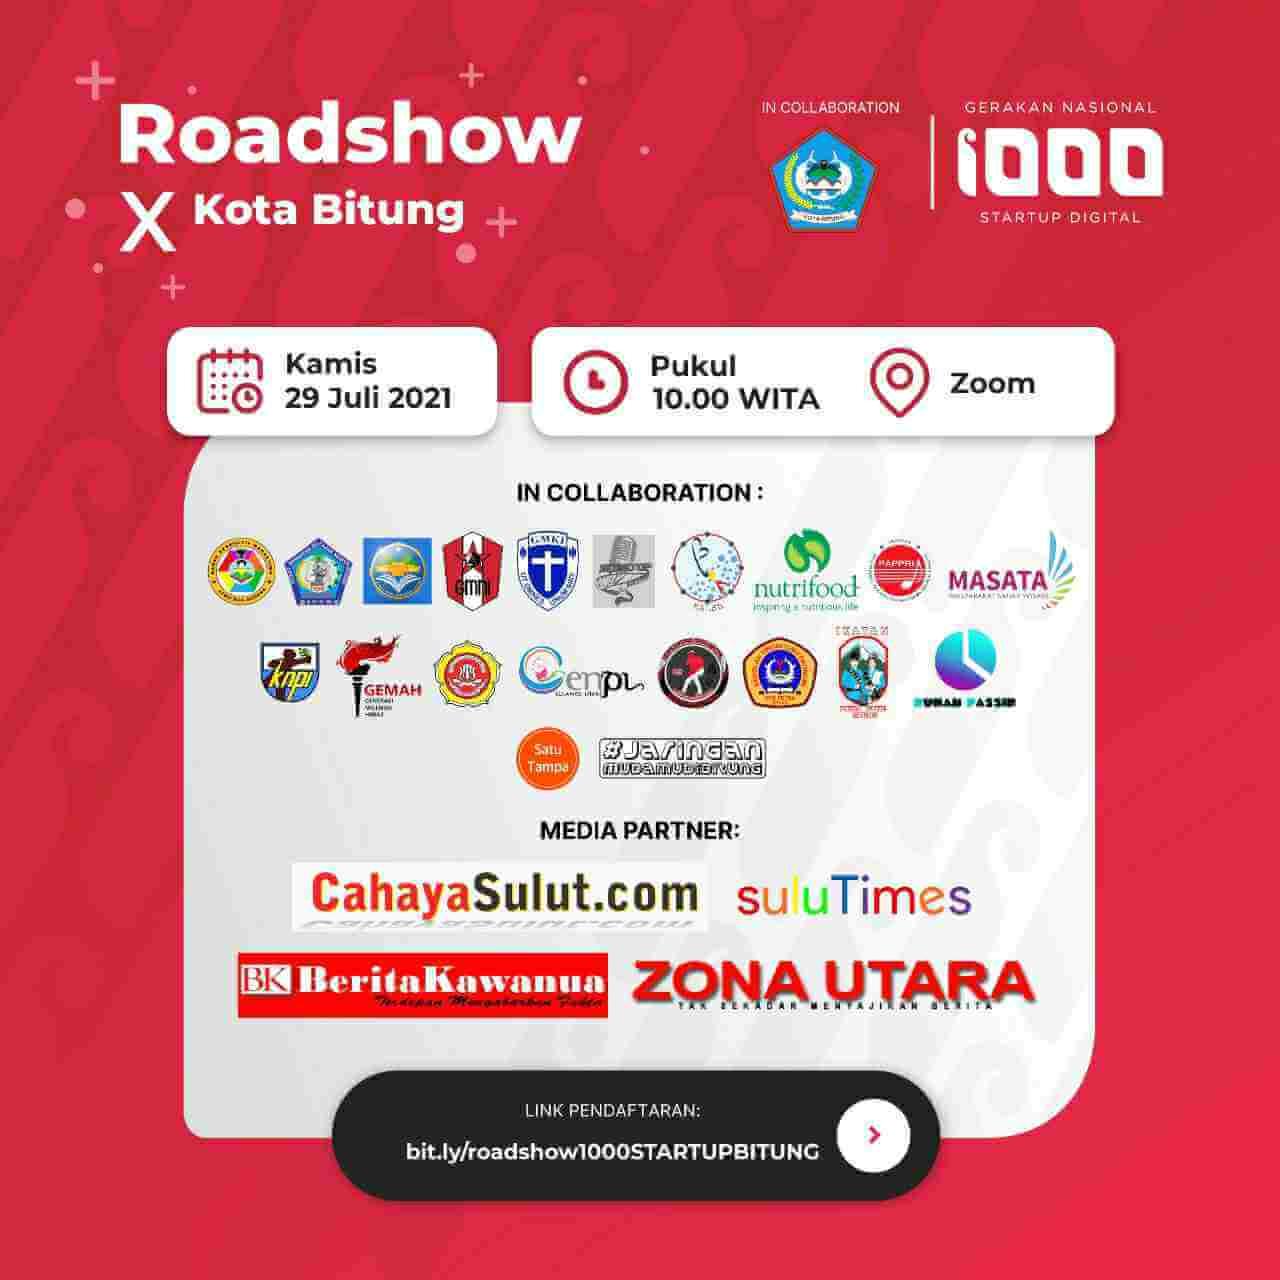 GN 1000 Startup Digital Kominfo Sasar Kota Cakalang